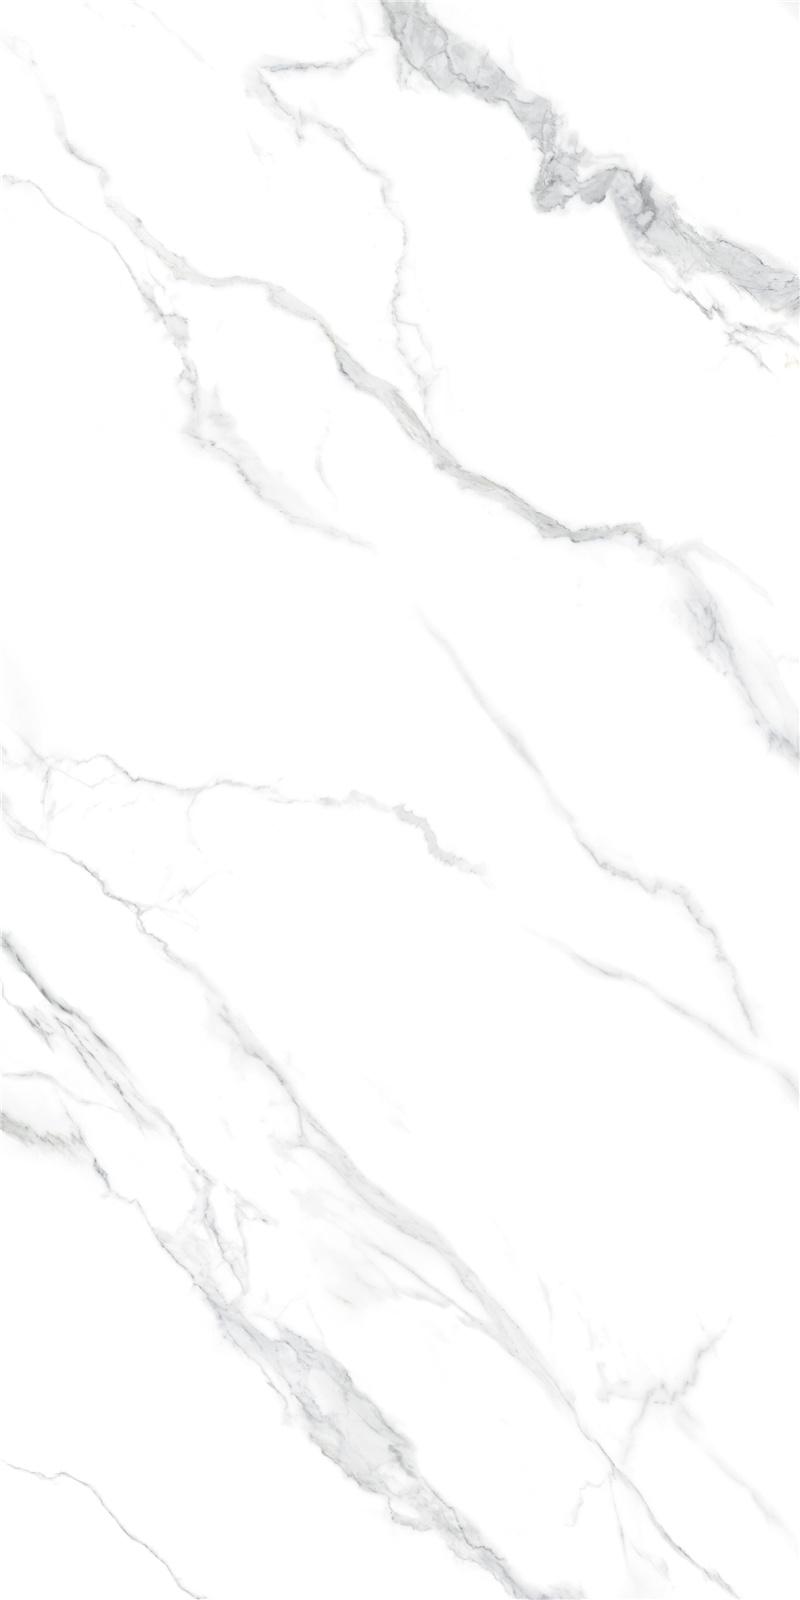 澳门新萄京手机版网址-9-HPG2412A020霜白石